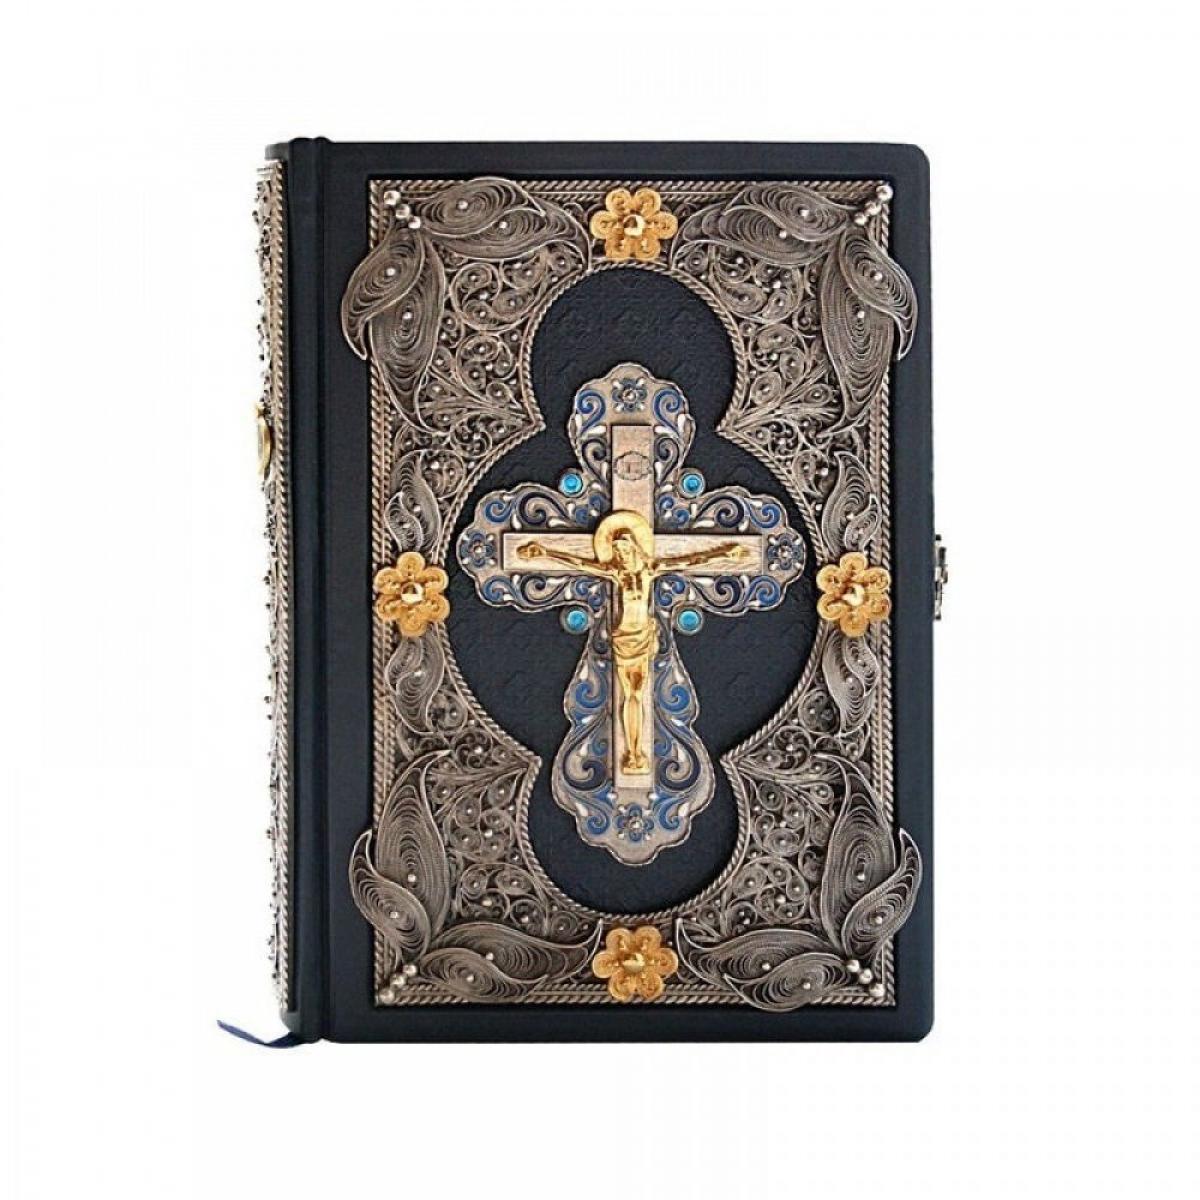 Эксклюзивная Библия в кожаном переплете (укр)